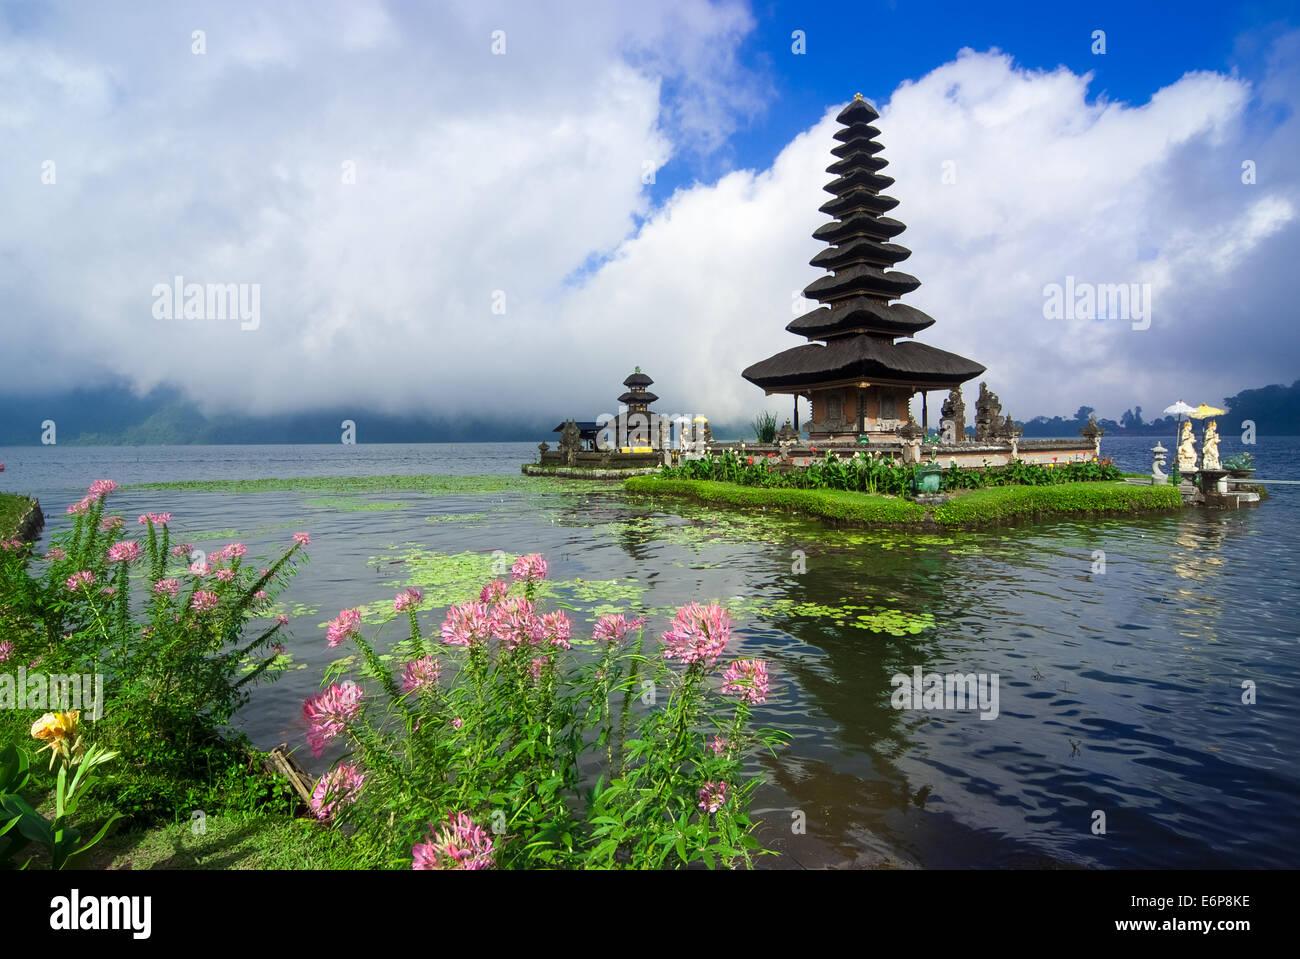 Pura Ulun Danu Bratan is a major water temple on Lake Bratan, Bali, Indonesia - Stock Image